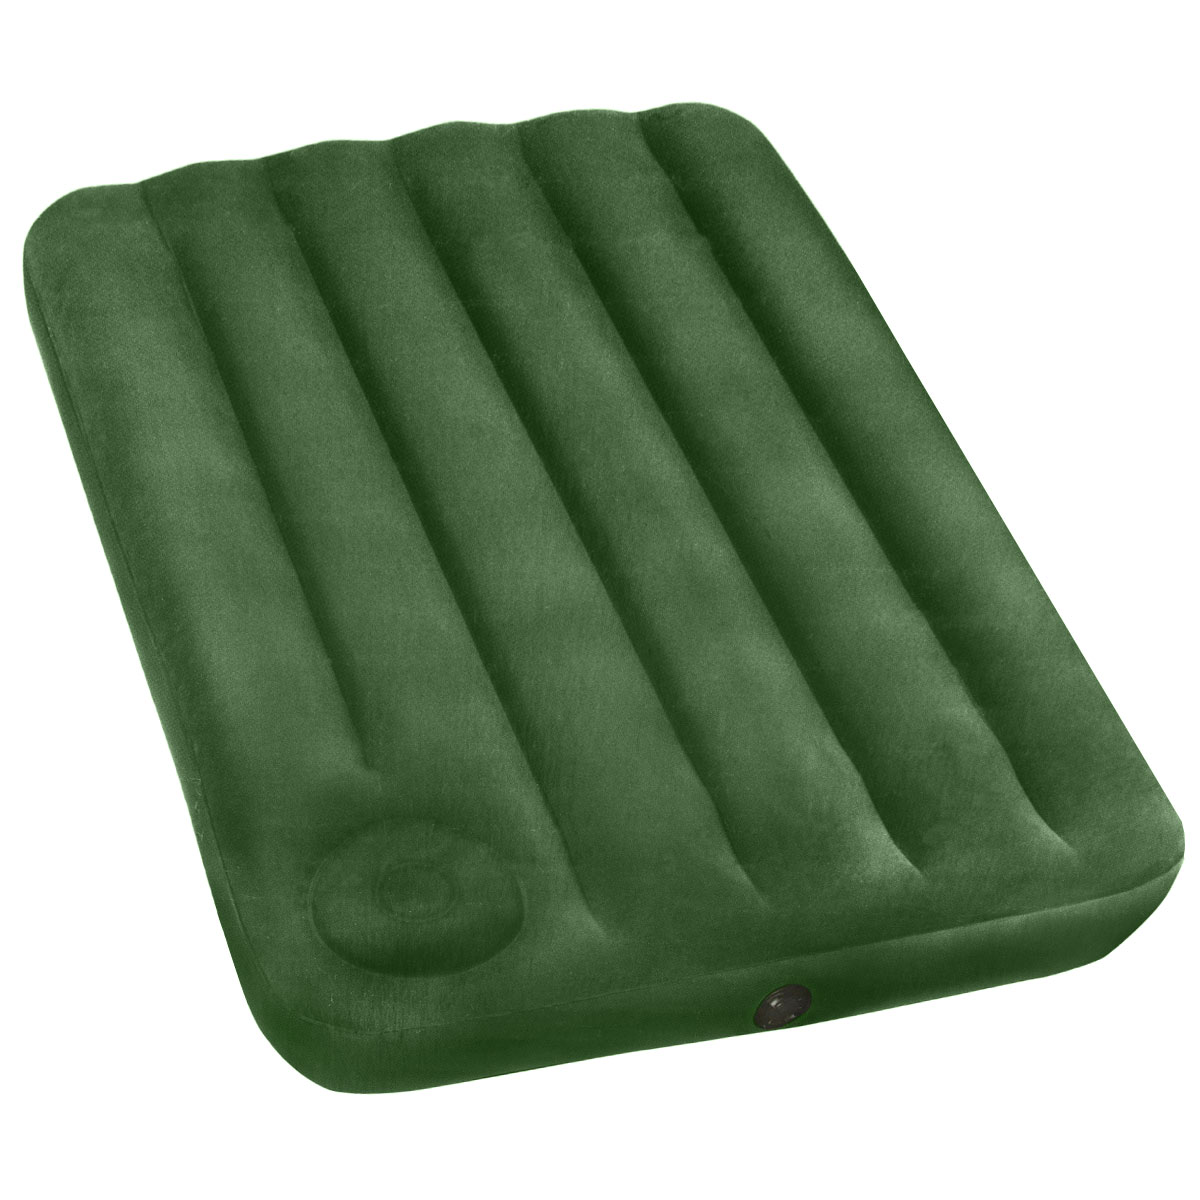 Матрас надувной Intex, флокированный, цвет: зеленый, 191 х 99 22 см. 66927